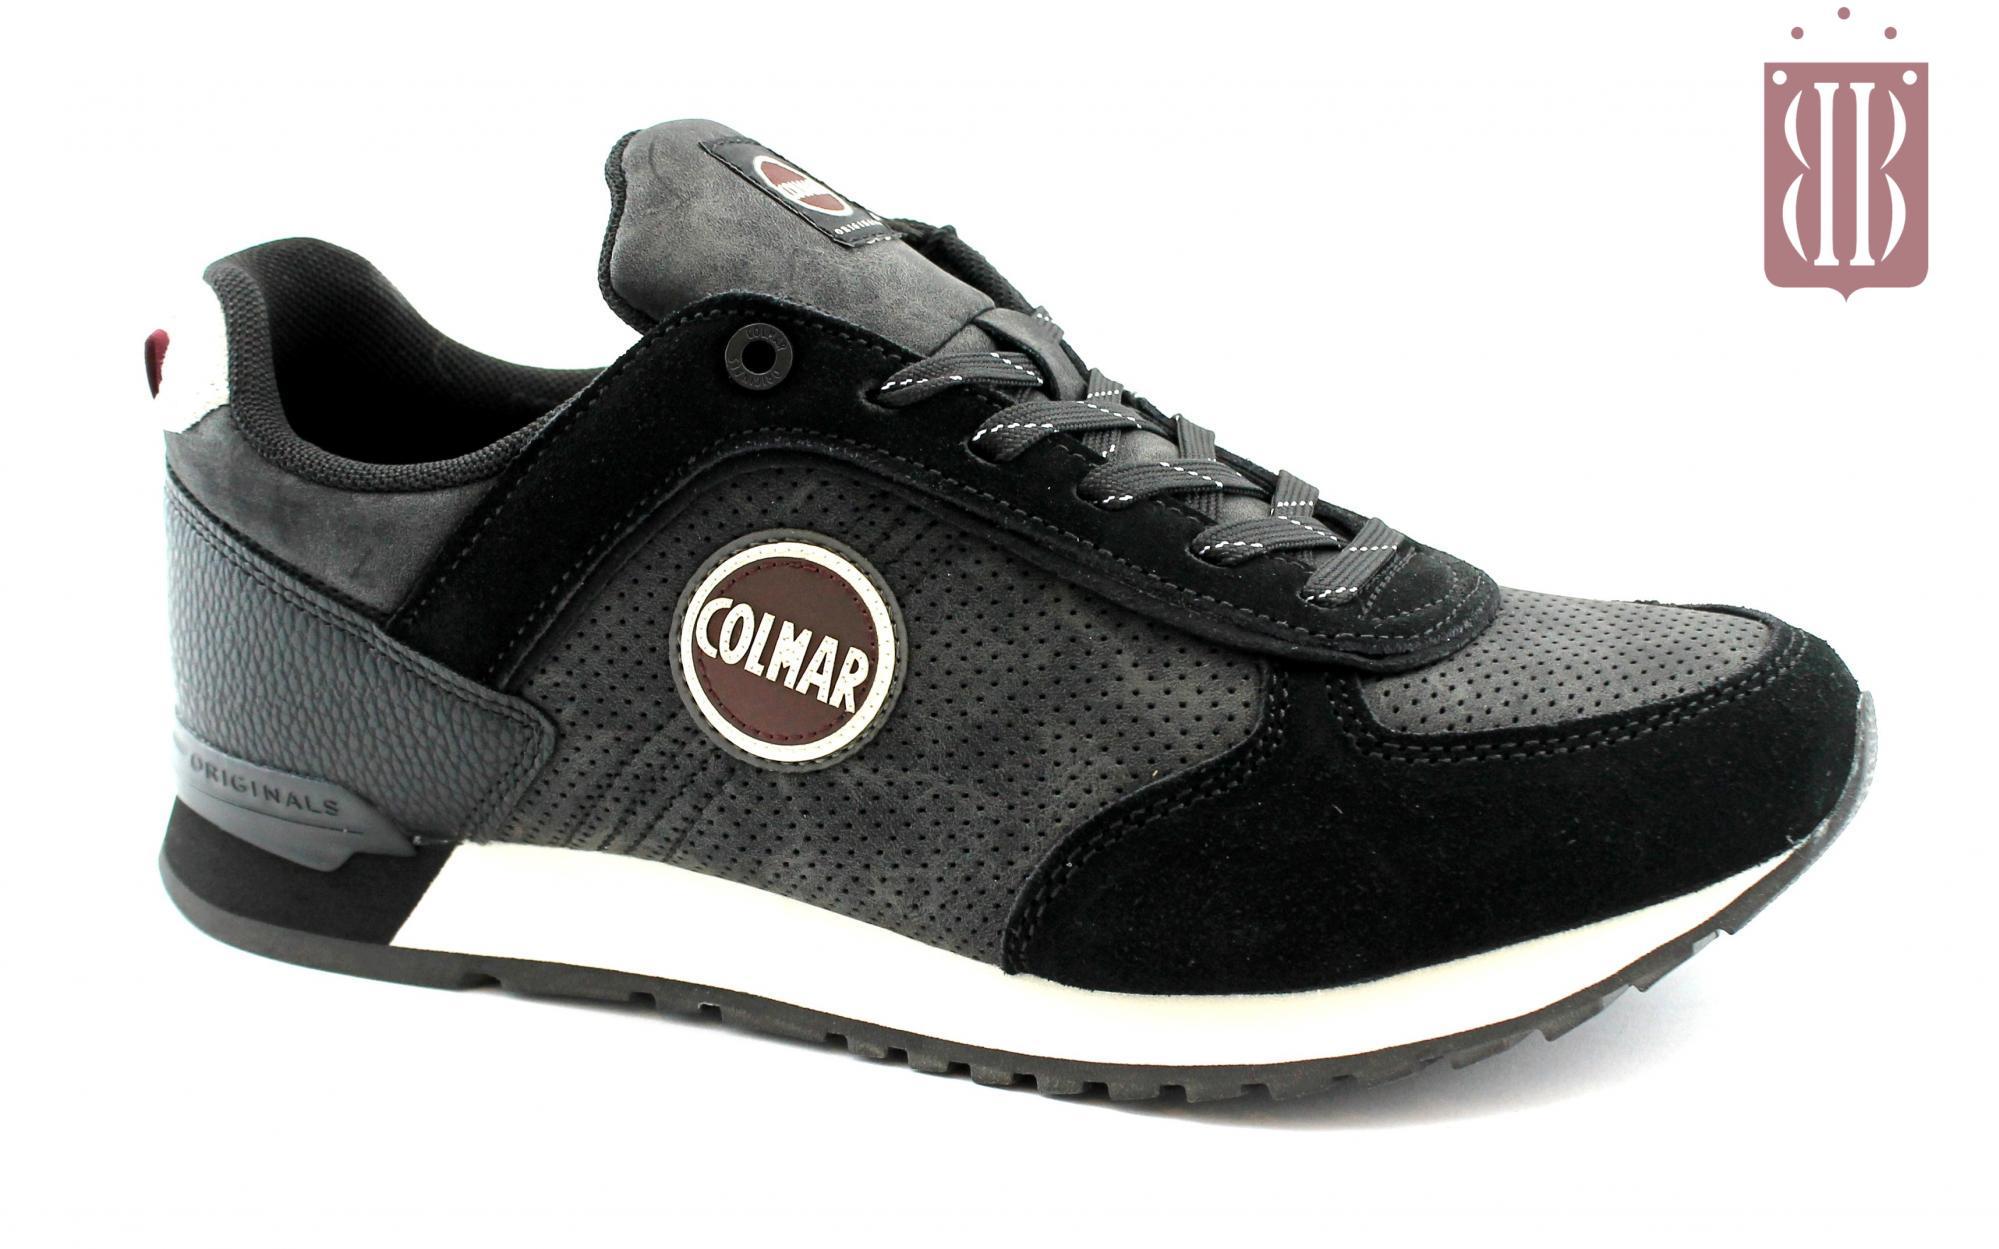 COLMAR TRAVIS DRILL black nero scarpe uomo sneakers lacci pelle